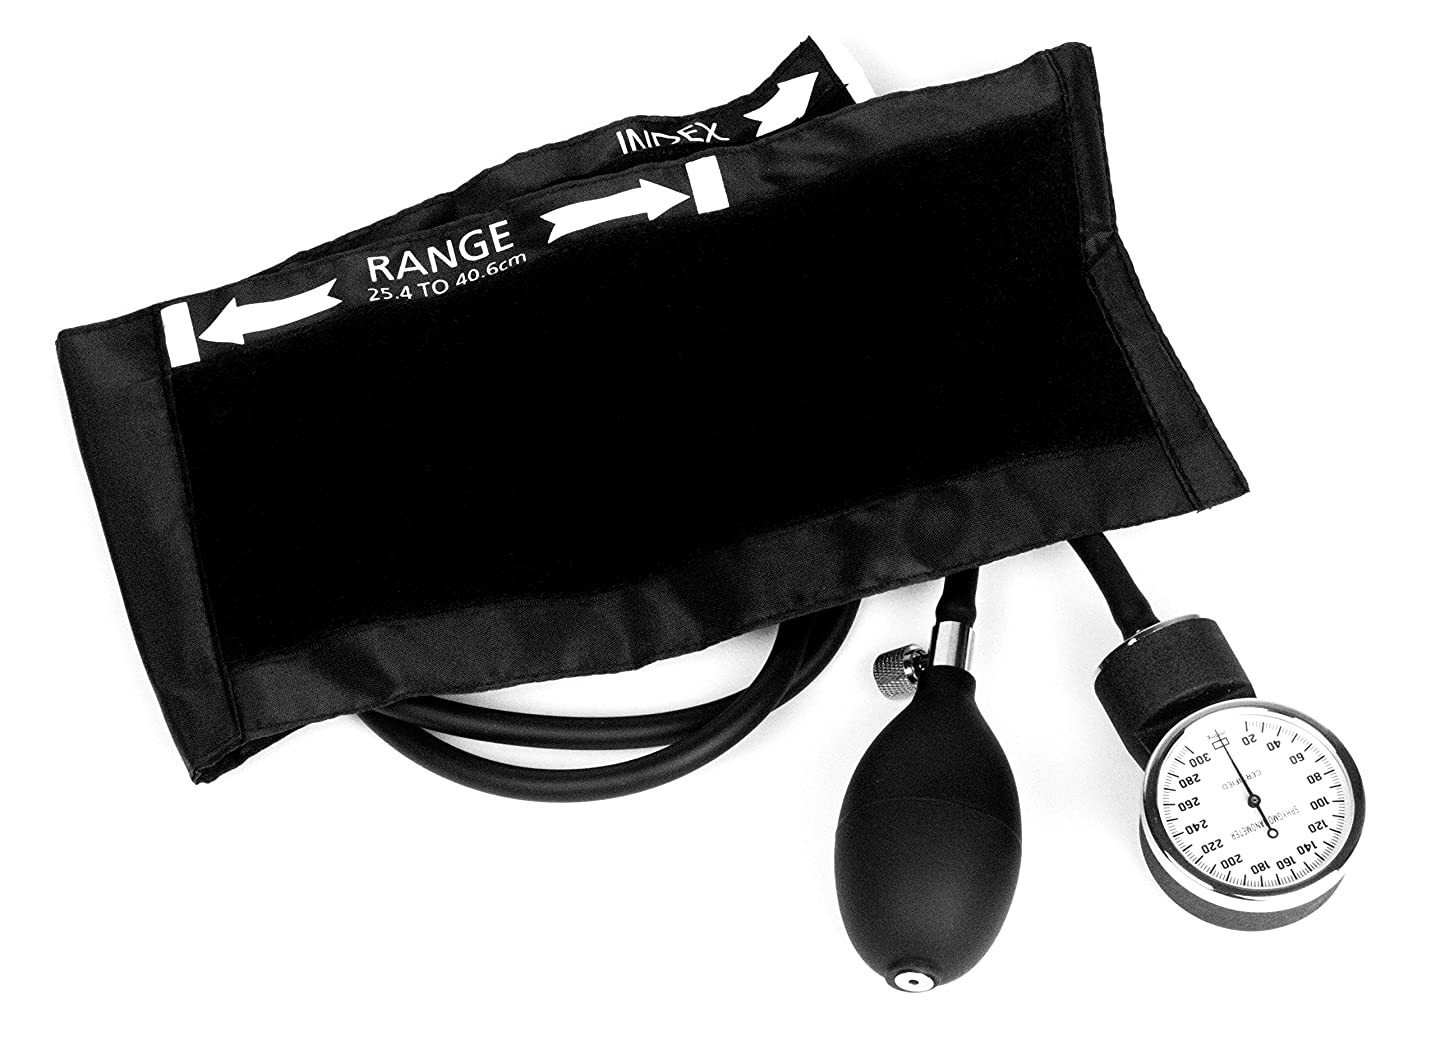 プレビュー同一性オゾンDixie Ems Deluxe Aneroid Sphygmomanometer Blood Pressure Cuff, Black by Dixie Ems